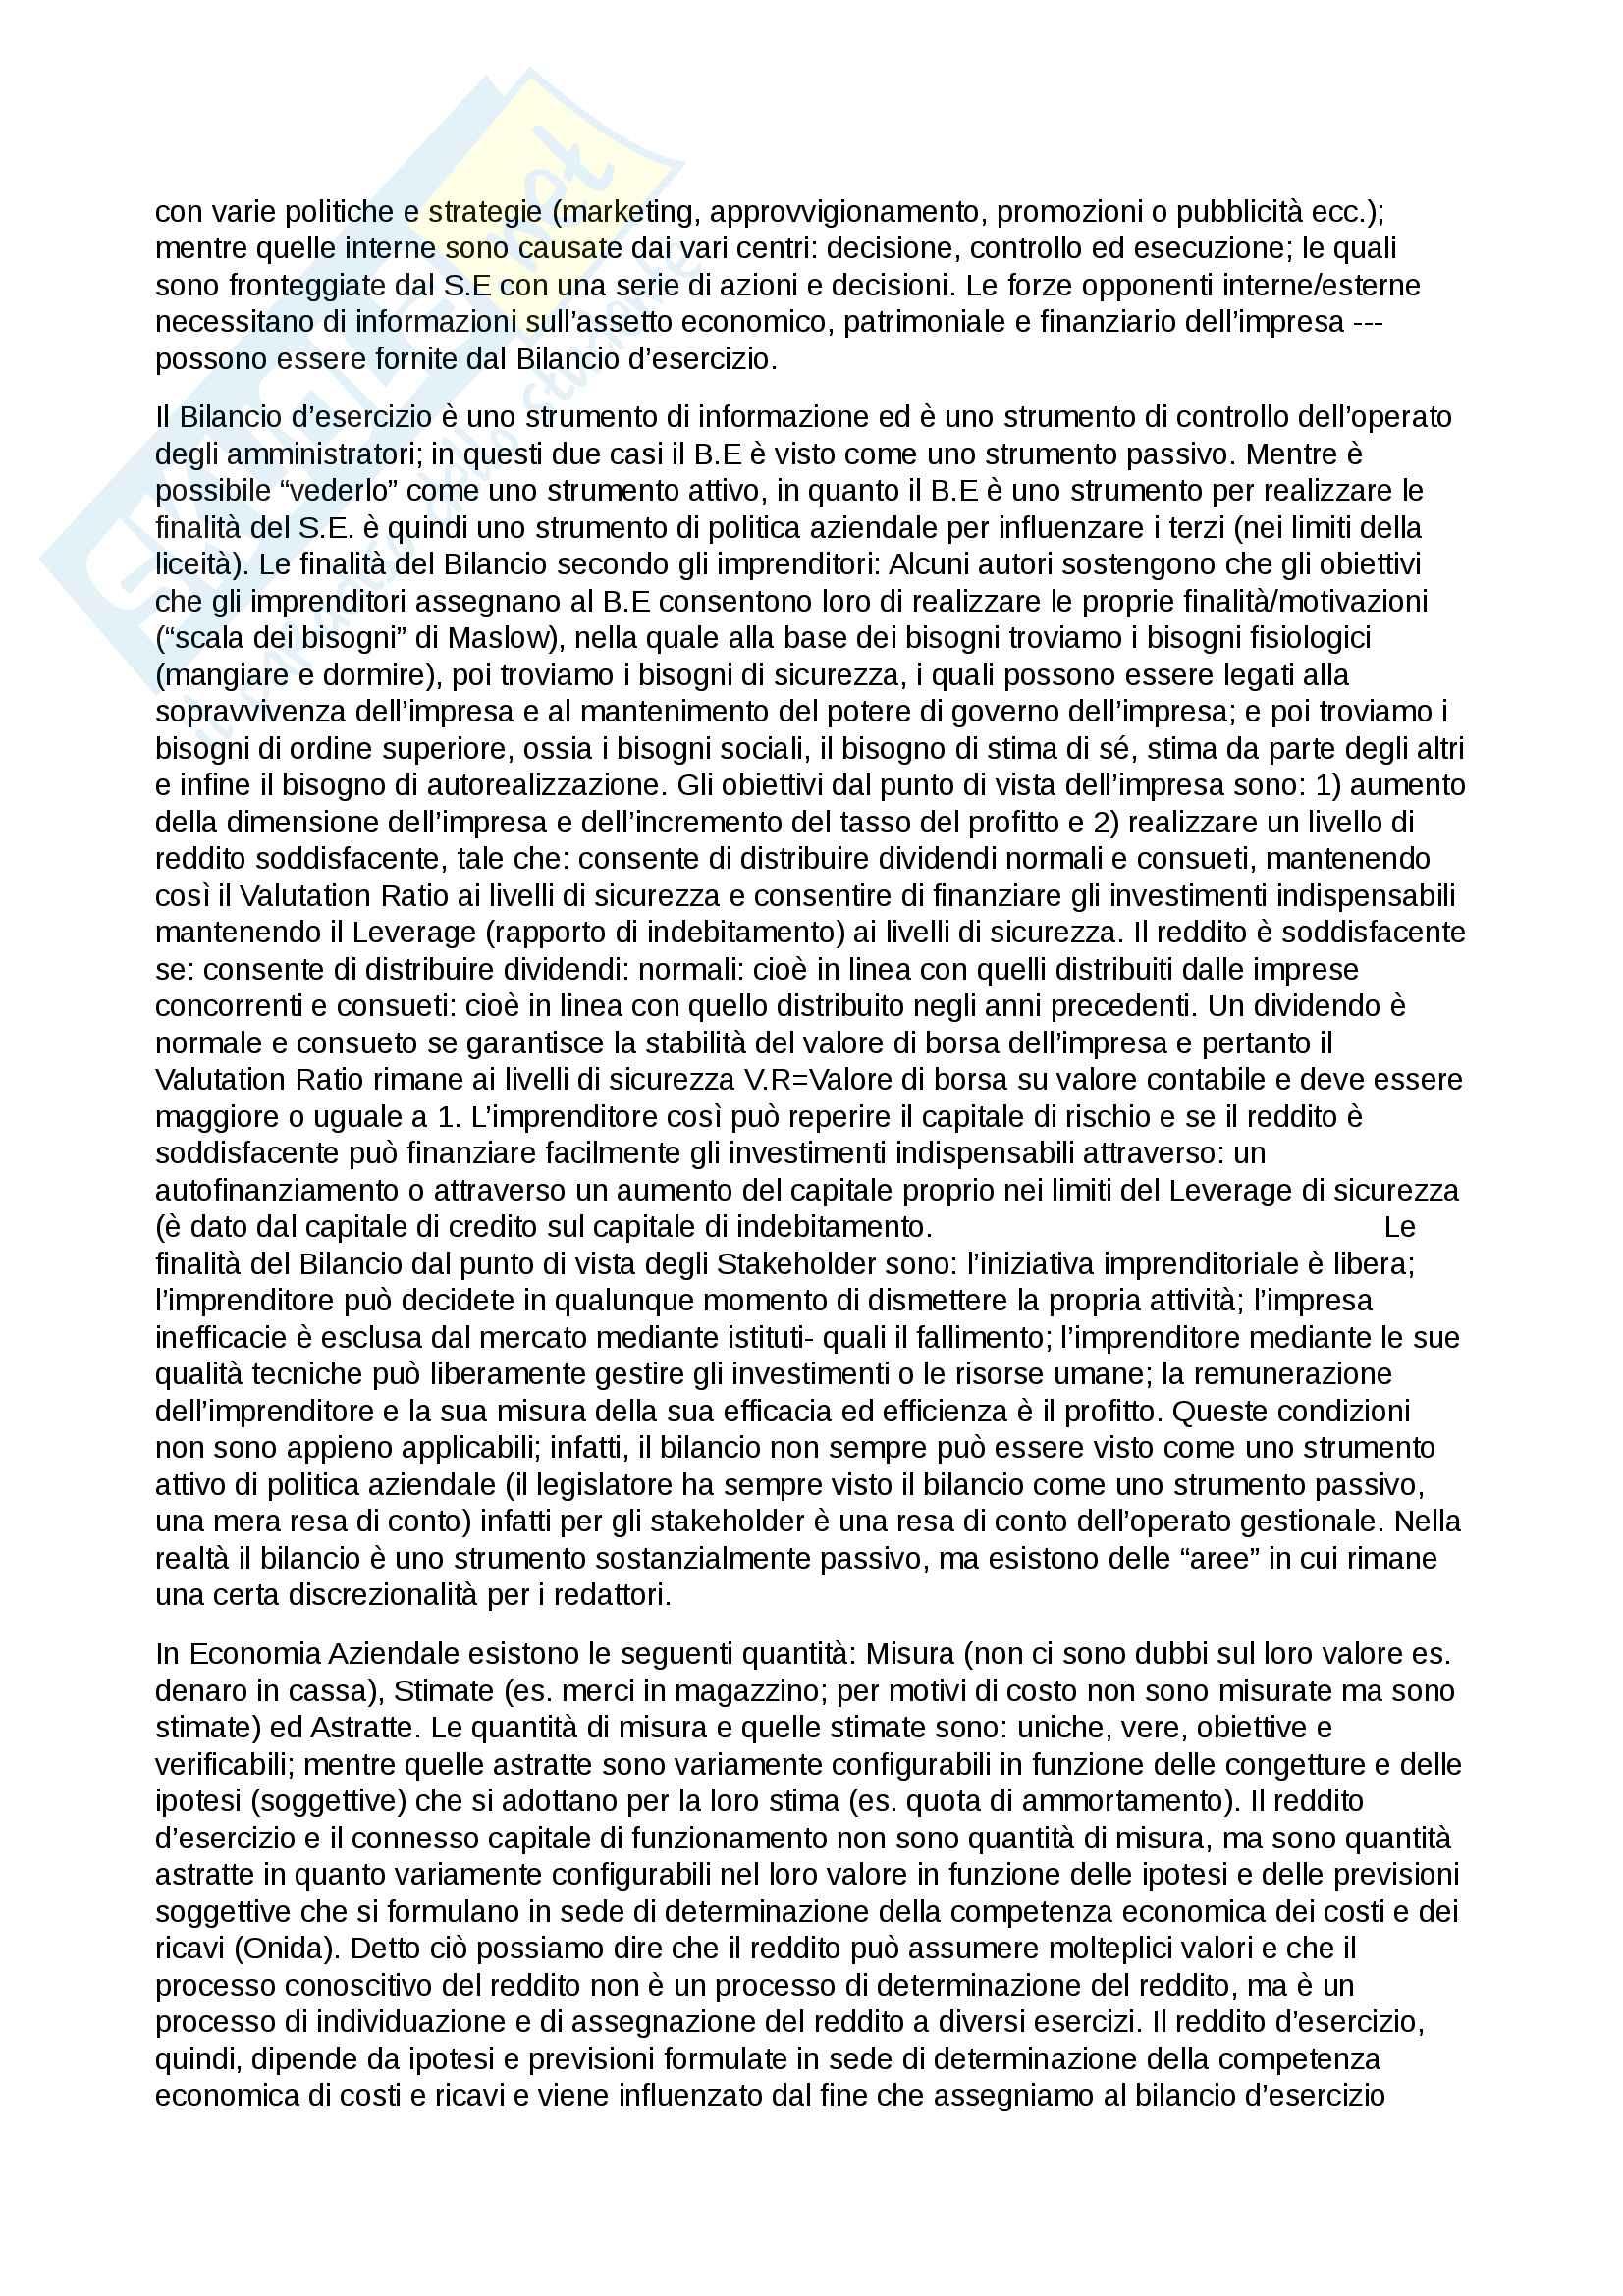 Appunti sintetici Bilancio Pag. 2